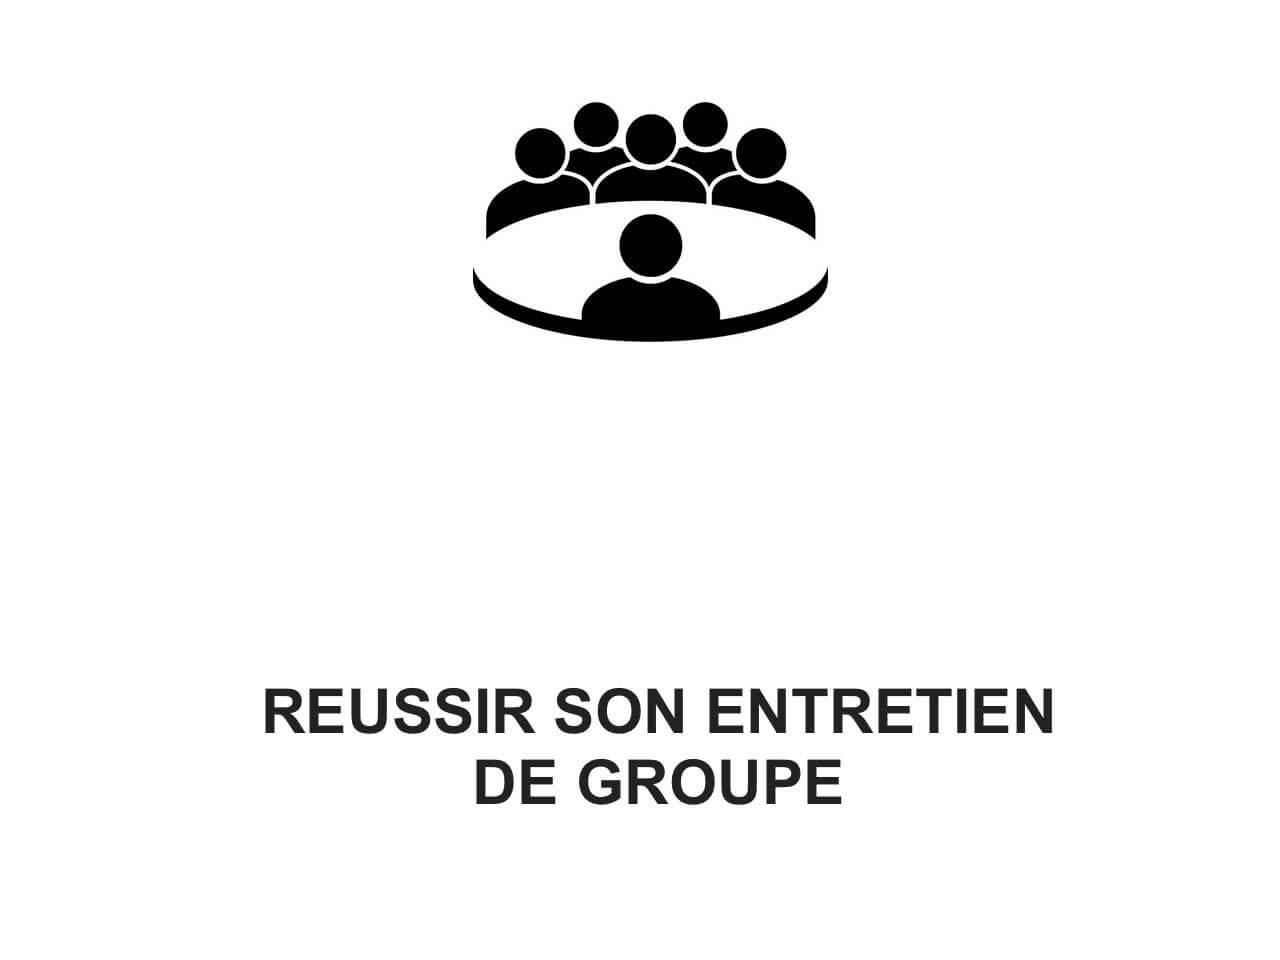 jobtimise-reussir-son-entretien-de-groupe